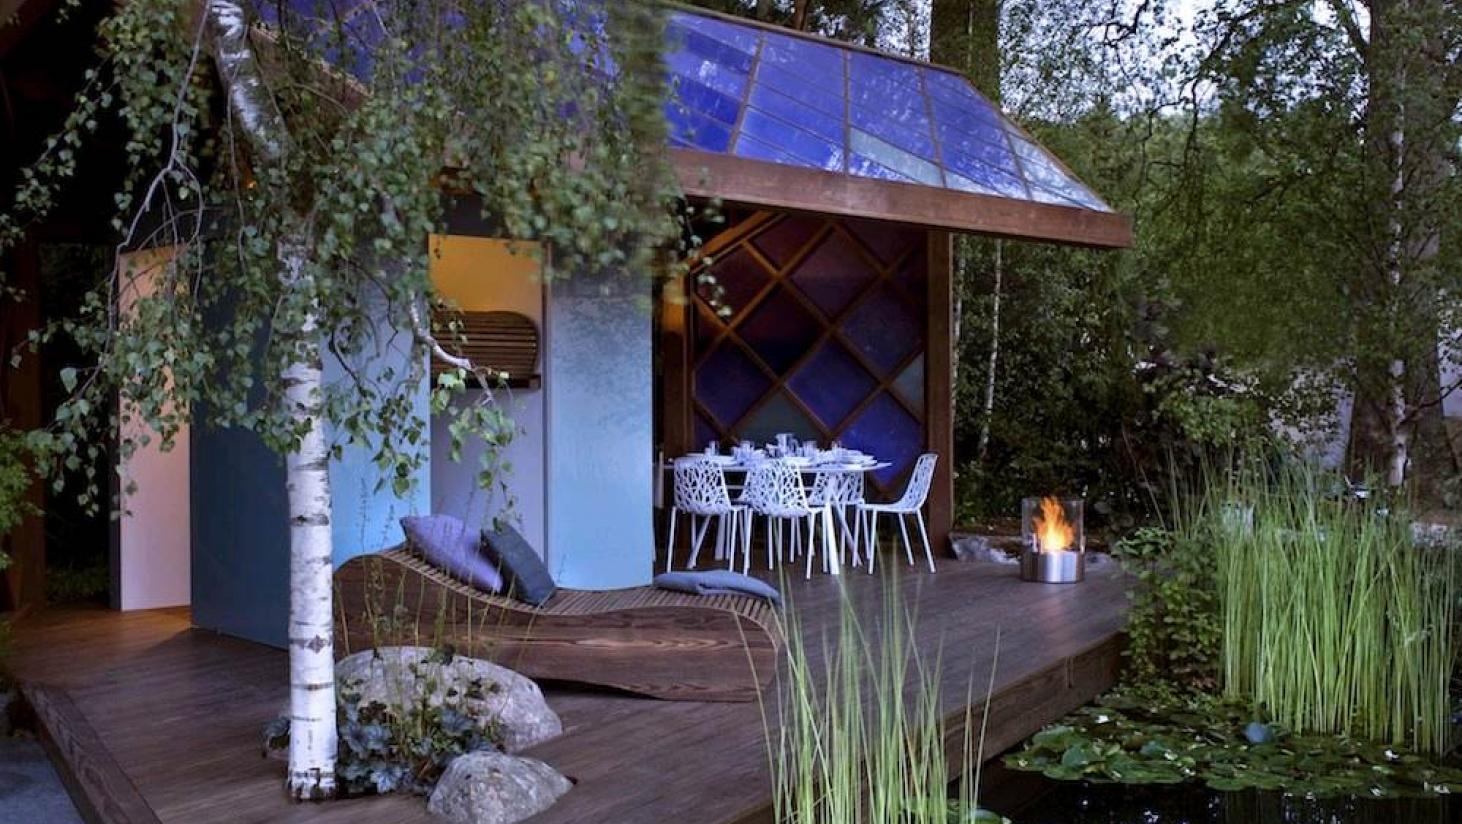 Med en seng som denne her lavet af træ vil din tagterrasse få et unikt udseende.